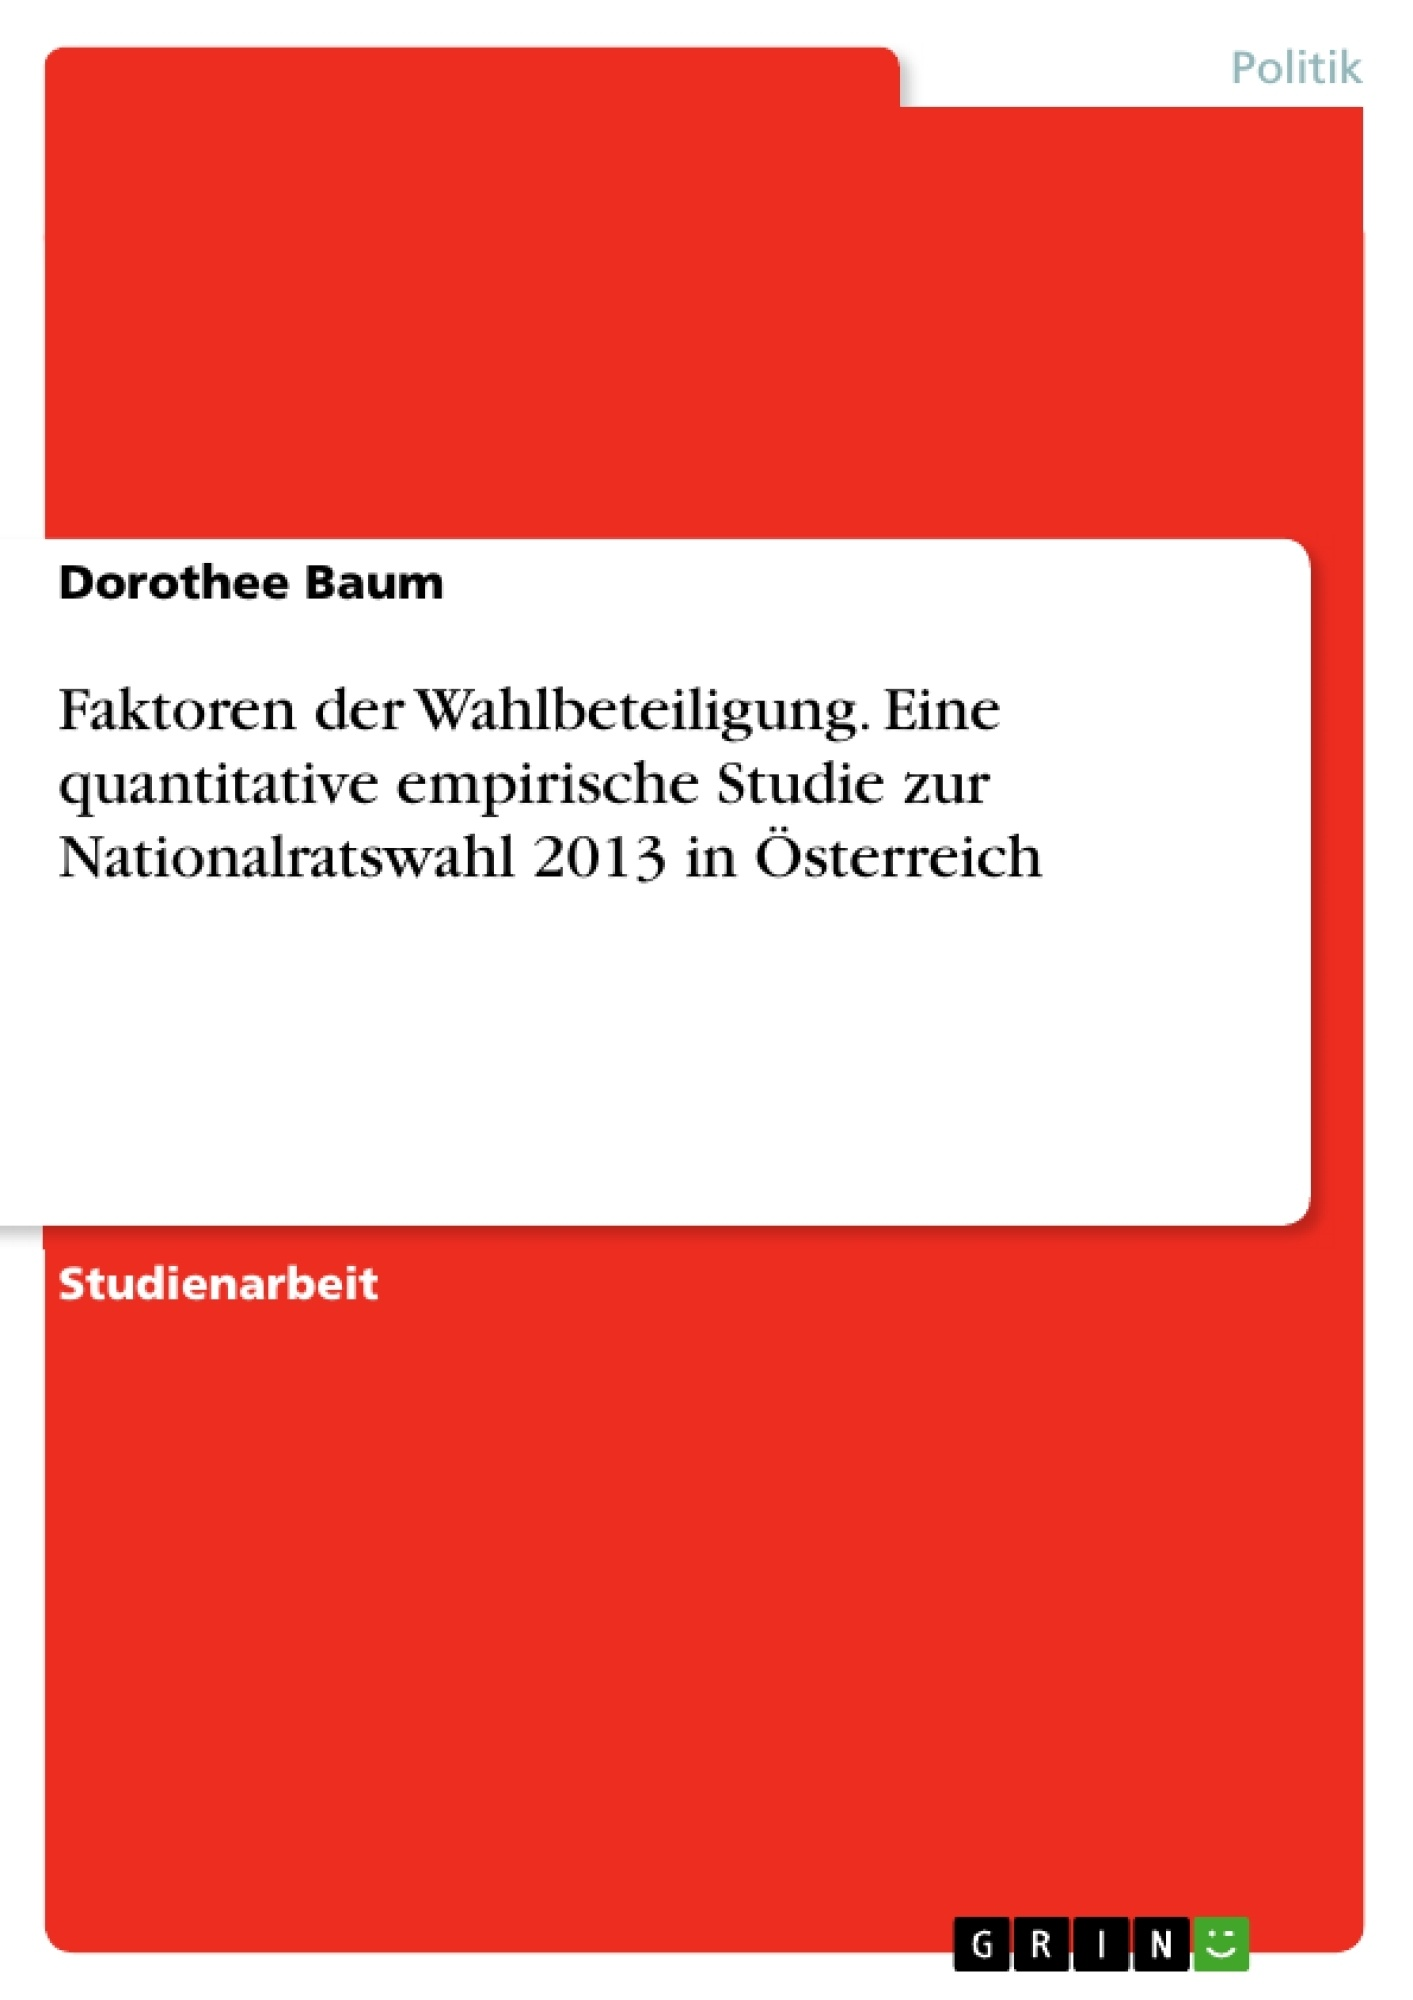 Titel: Faktoren der Wahlbeteiligung. Eine quantitative empirische Studie zur Nationalratswahl 2013 in Österreich